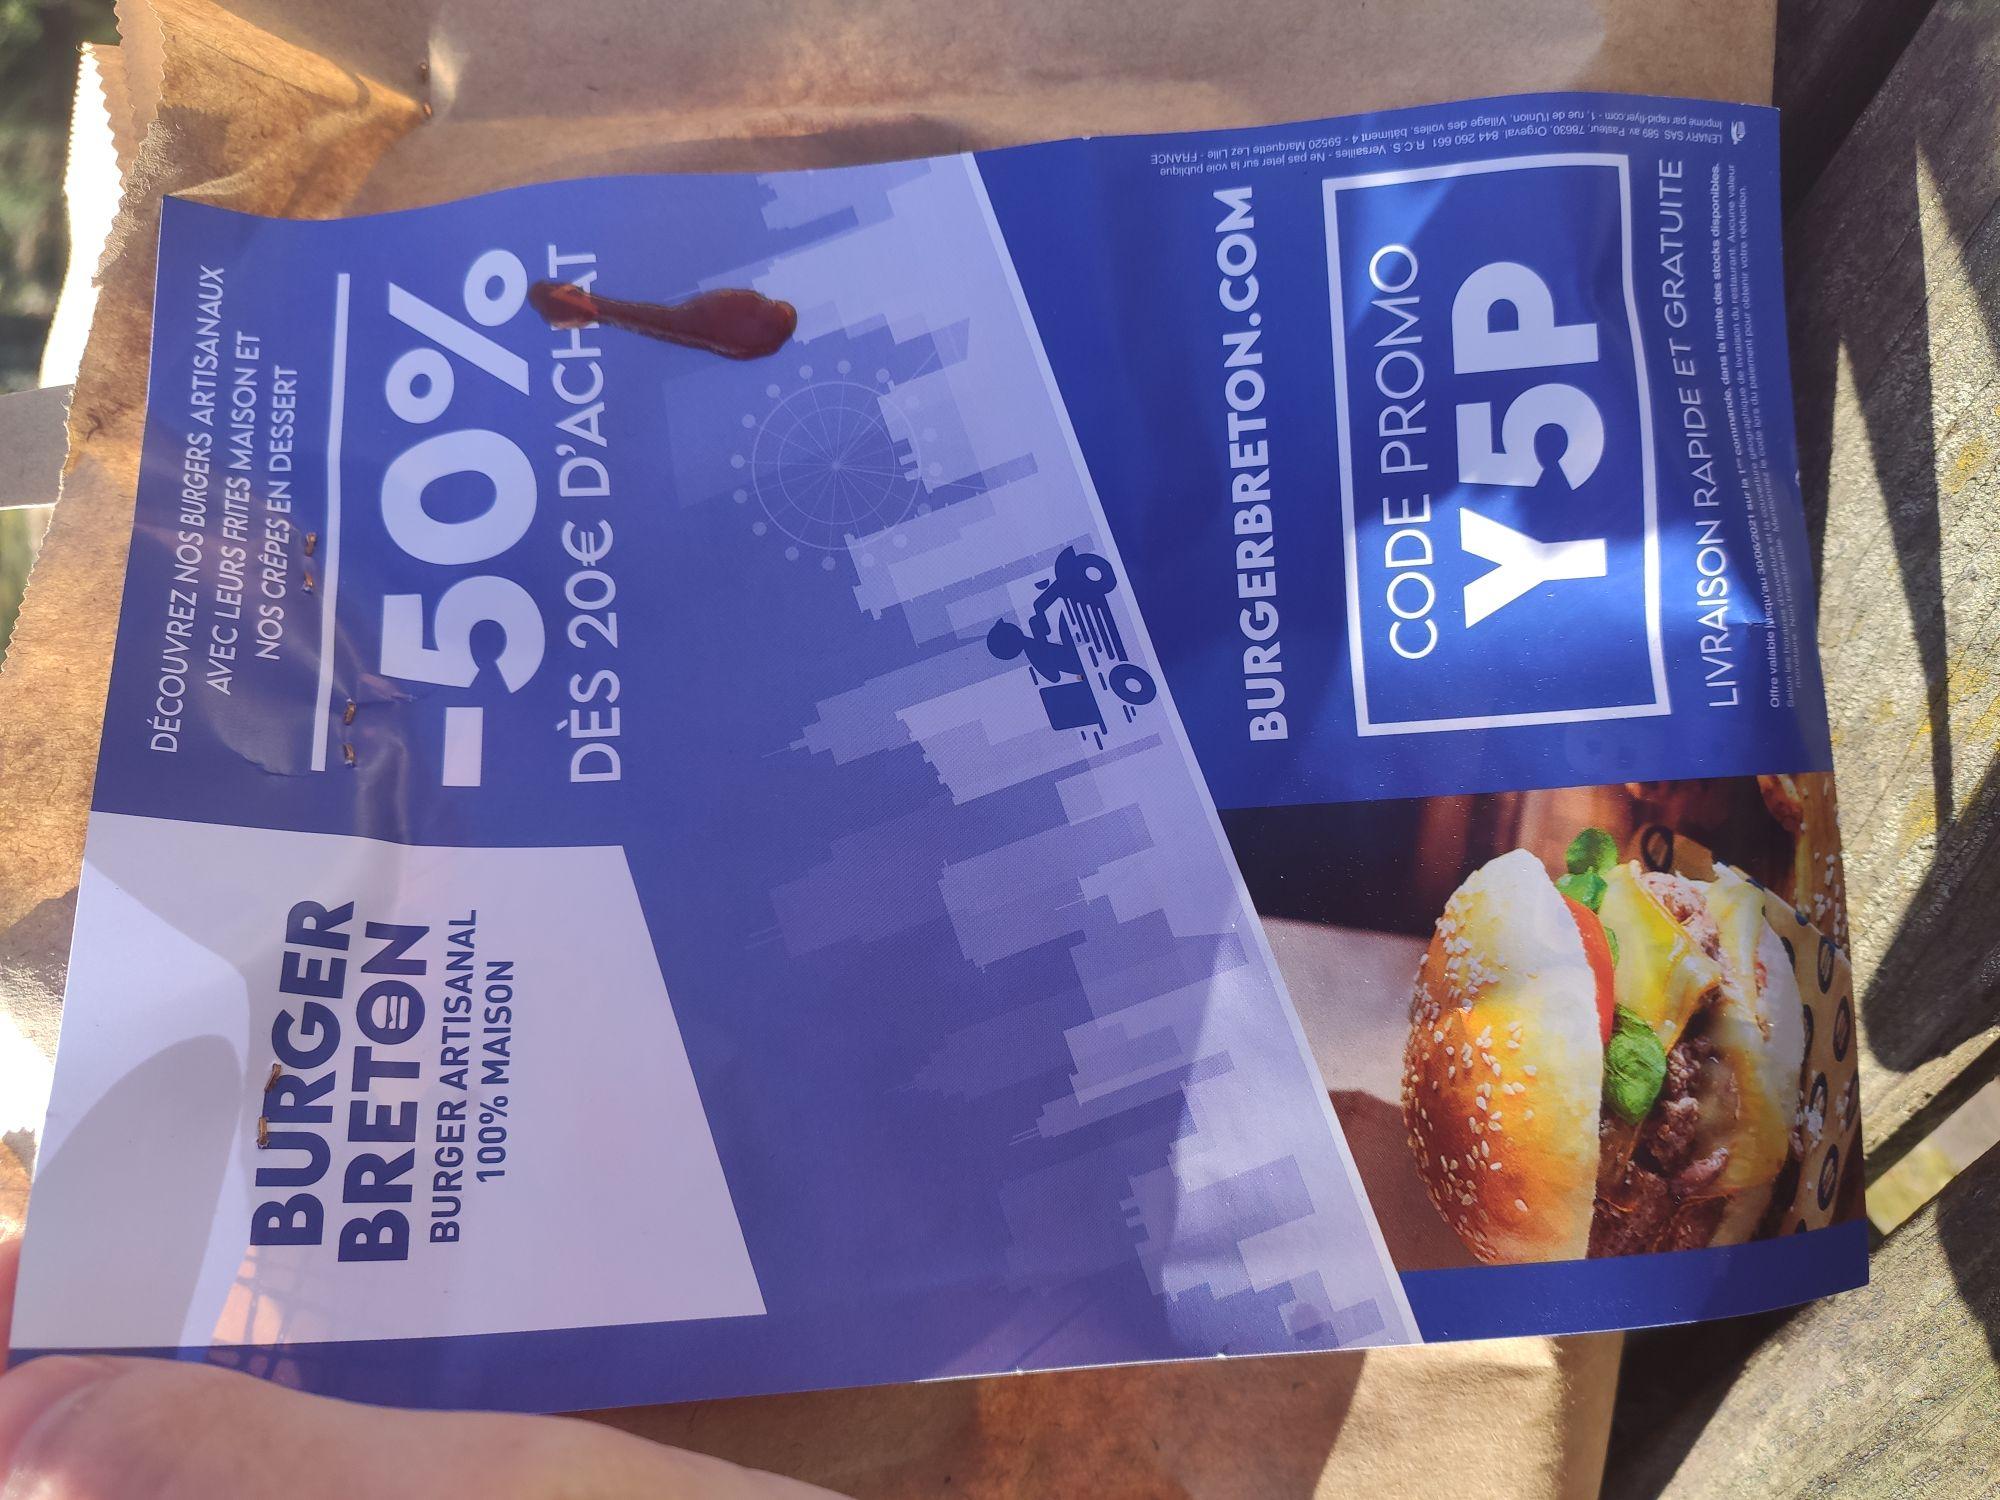 [Nouveaux clients] 50% de réduction dès 20€ d'achat sur une première commande en livraison - Burger Breton (78)